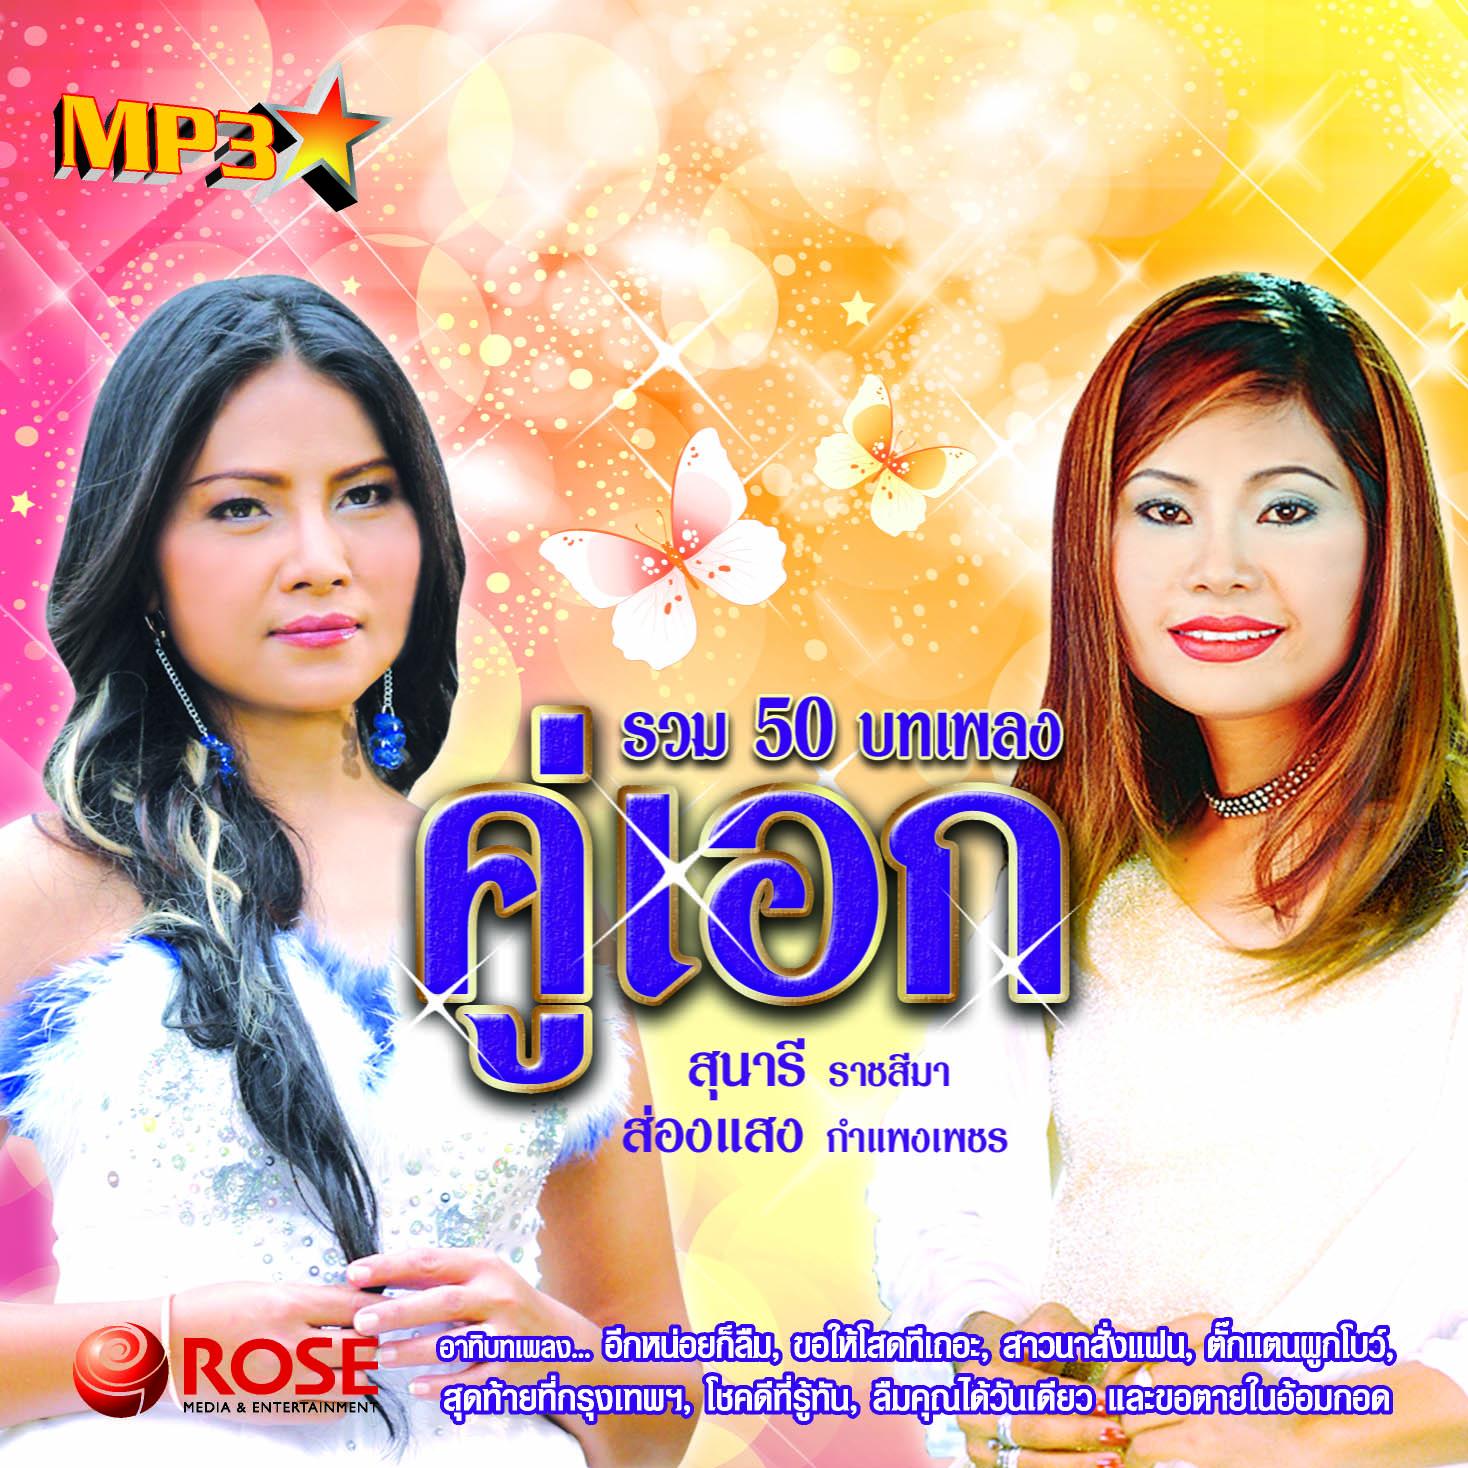 MP3 50 เพลง คู่เอก สุนารี ส่องแสง